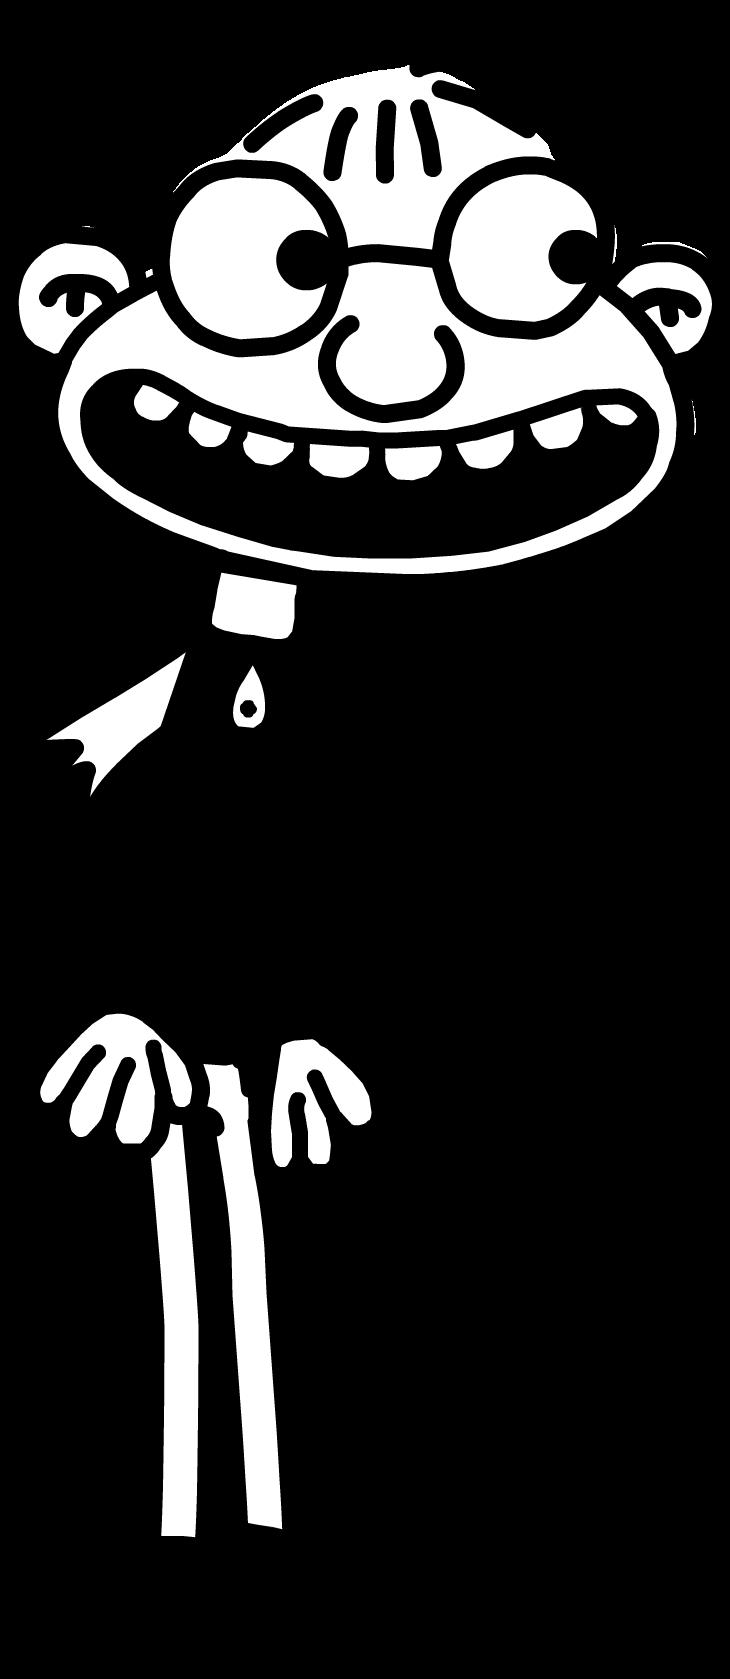 Fregley | Diary of a Wimpy Kid Wiki | FANDOM powered by Wikia